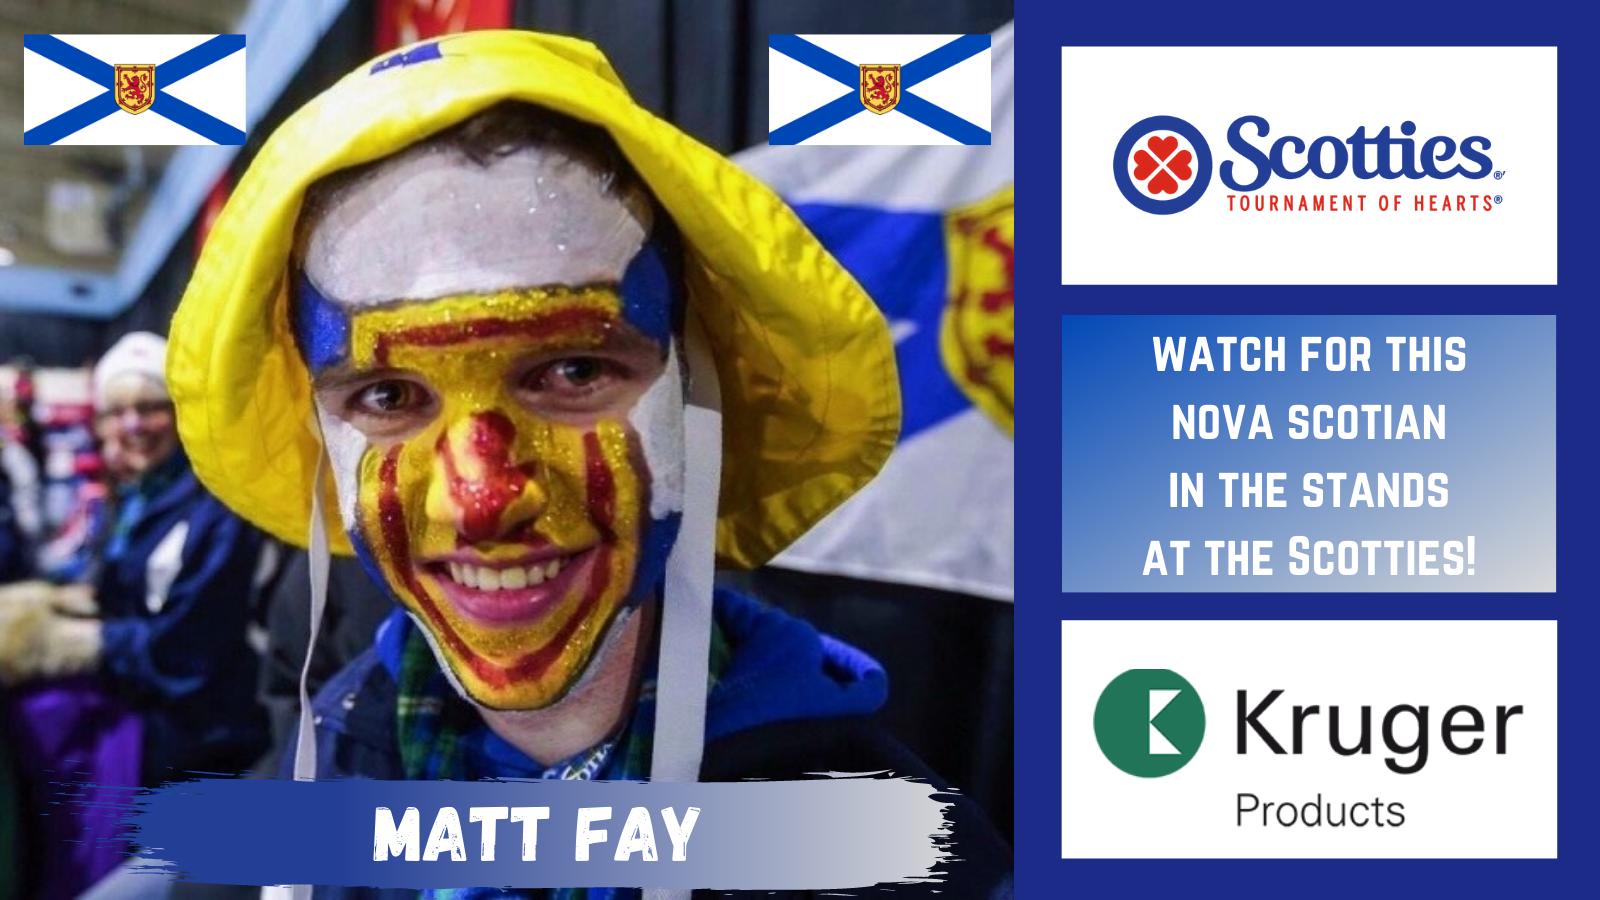 Fan Cut Out - Matt Fay